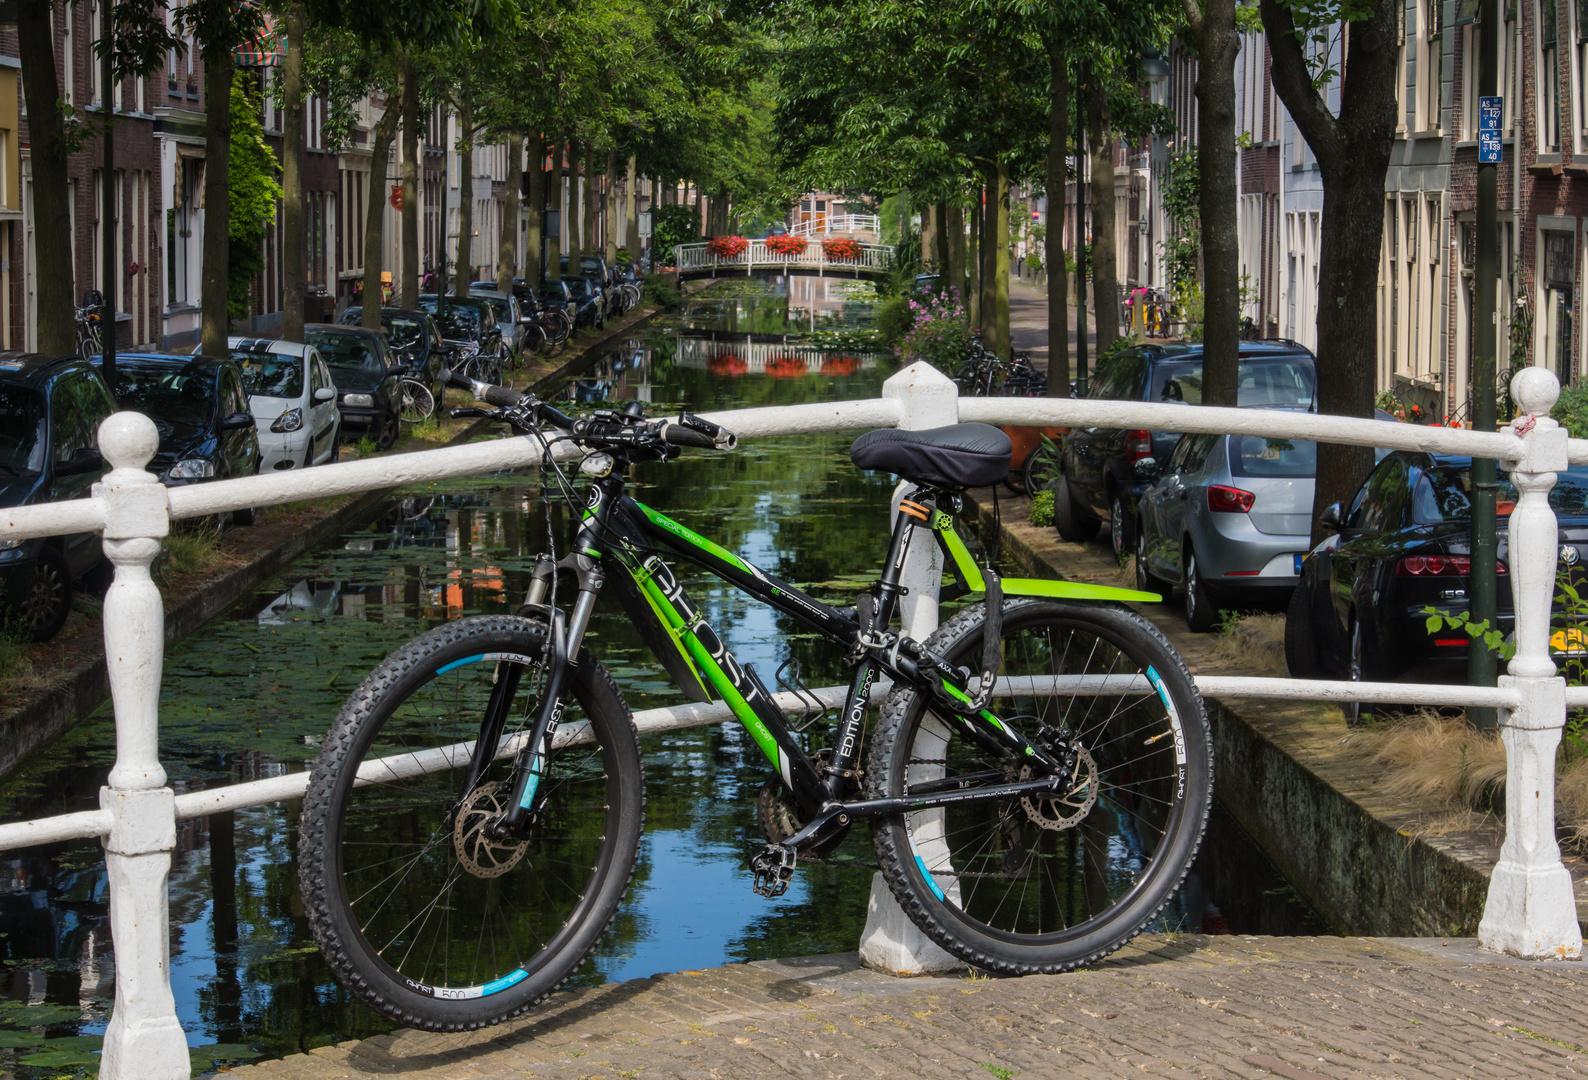 Grachtenansicht VII - Delft/Niederlande